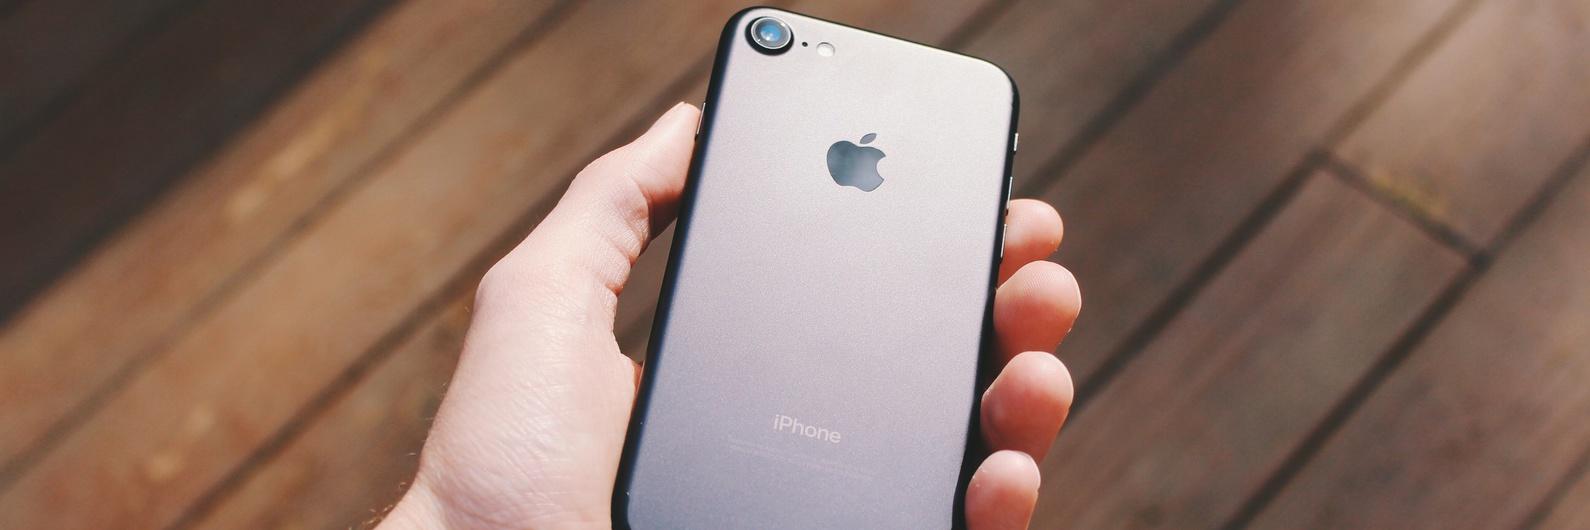 Estudo indica que os iPhones estão a funcionar cada vez pior